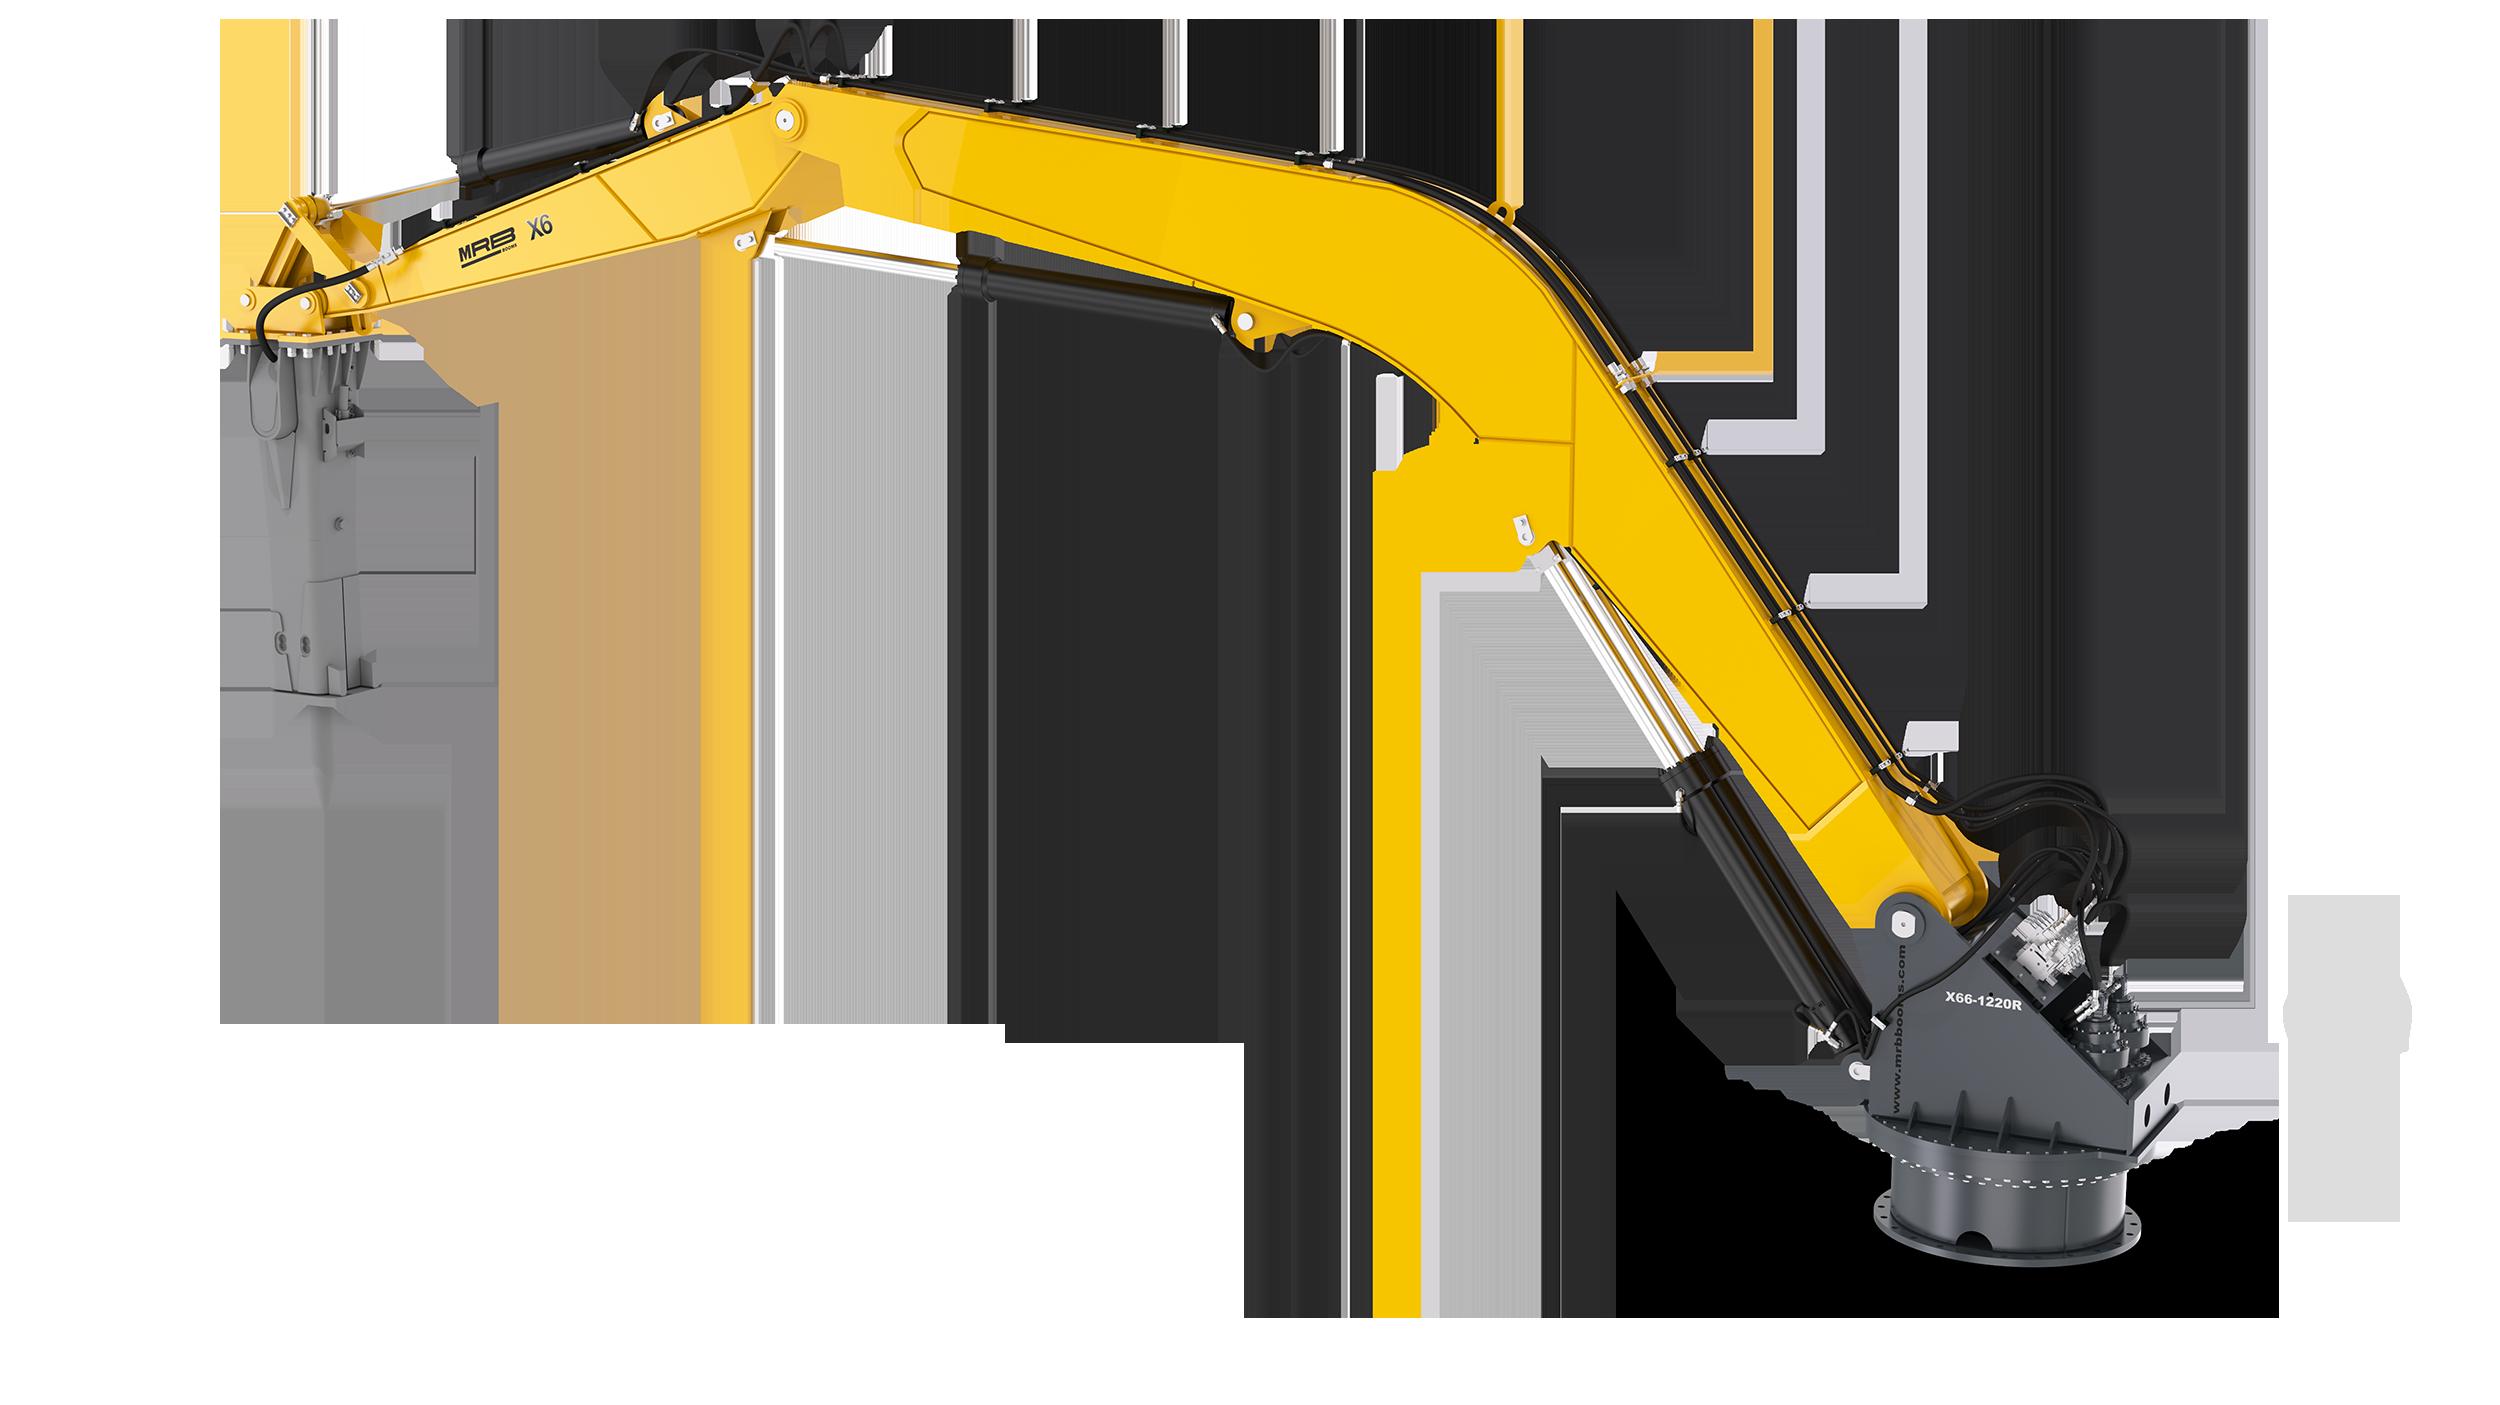 X66-1220R